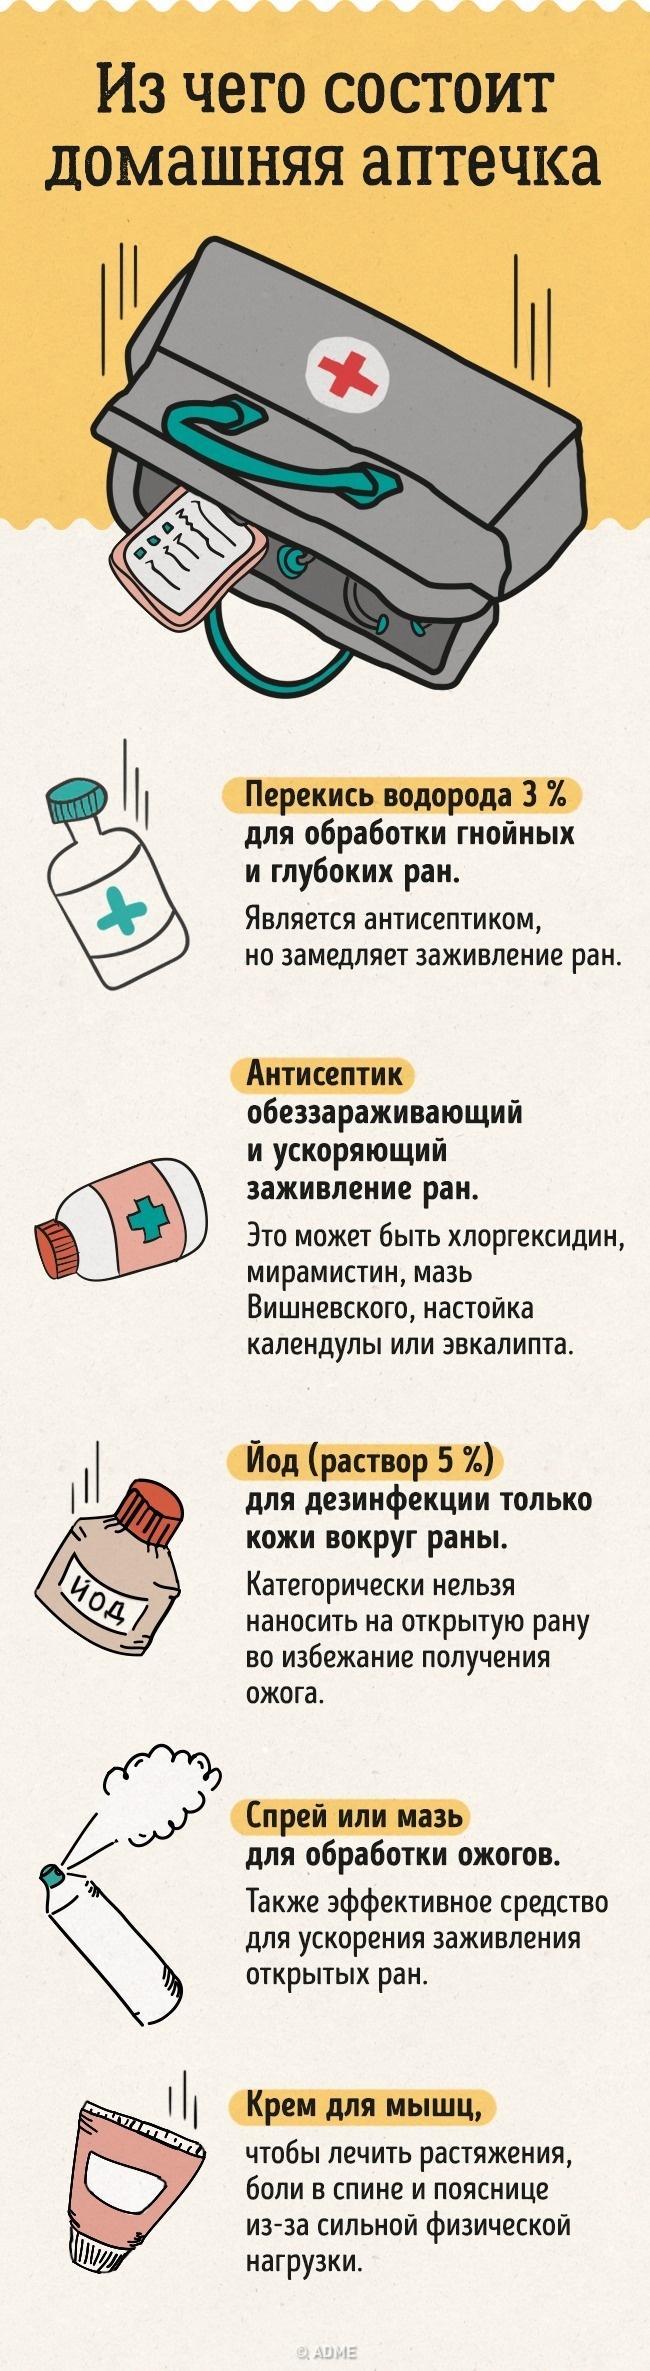 Как правильно собрать домашнюю аптечку, чтобы быть готовым ко всему